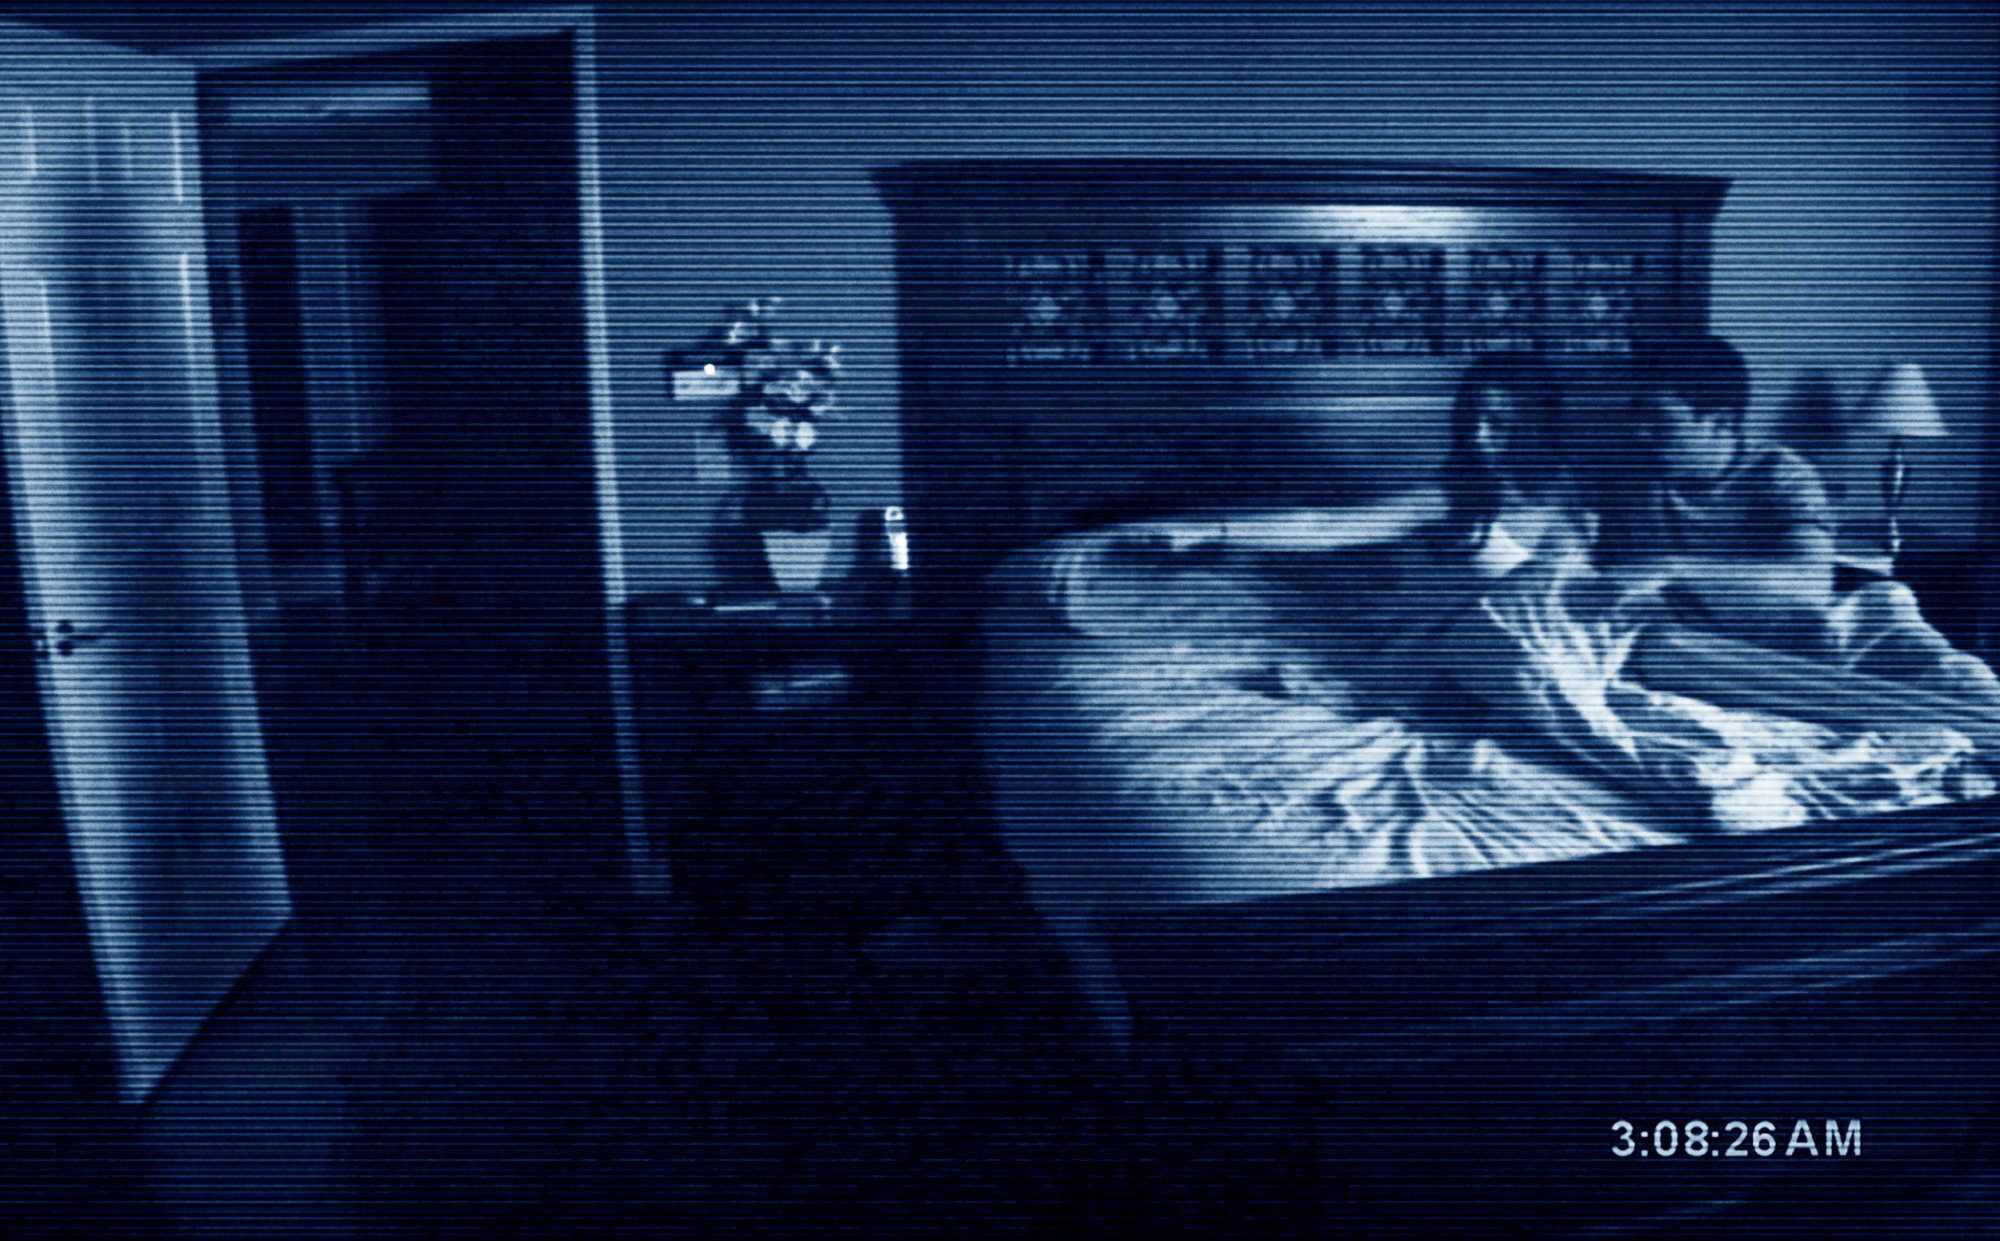 Atividade Paranormal gastou US $ 15 mil em produção e arrecadou US $ 210 milhões